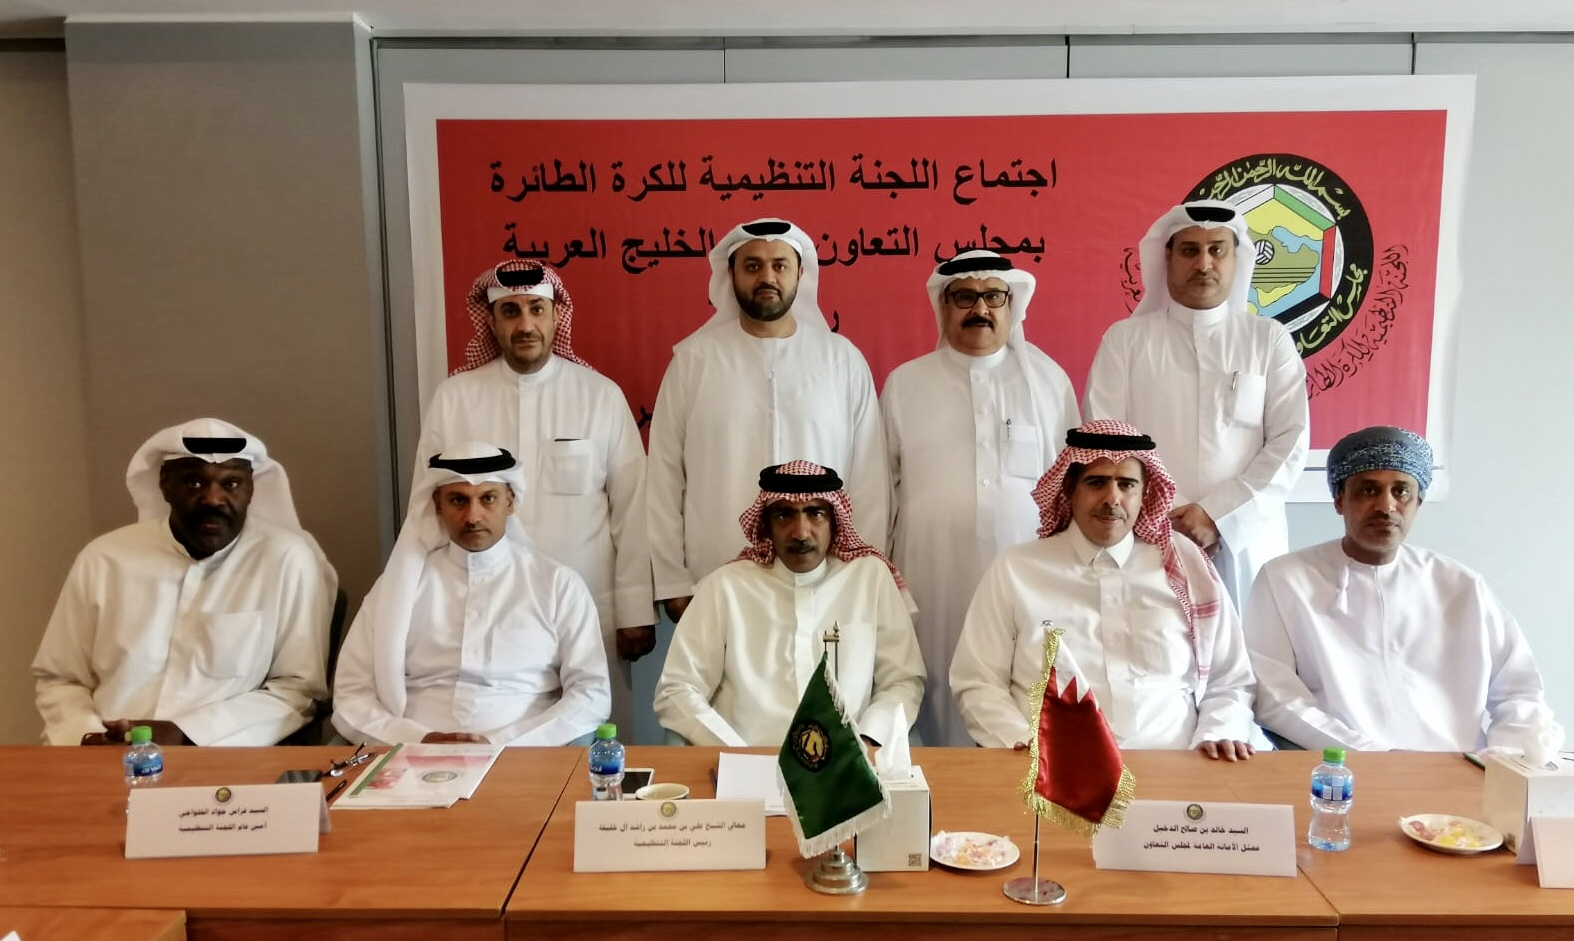 إطلاق اسم سمو الأمير على البطولة الخليجية الـ 37 للاندية للكرة الطائرة